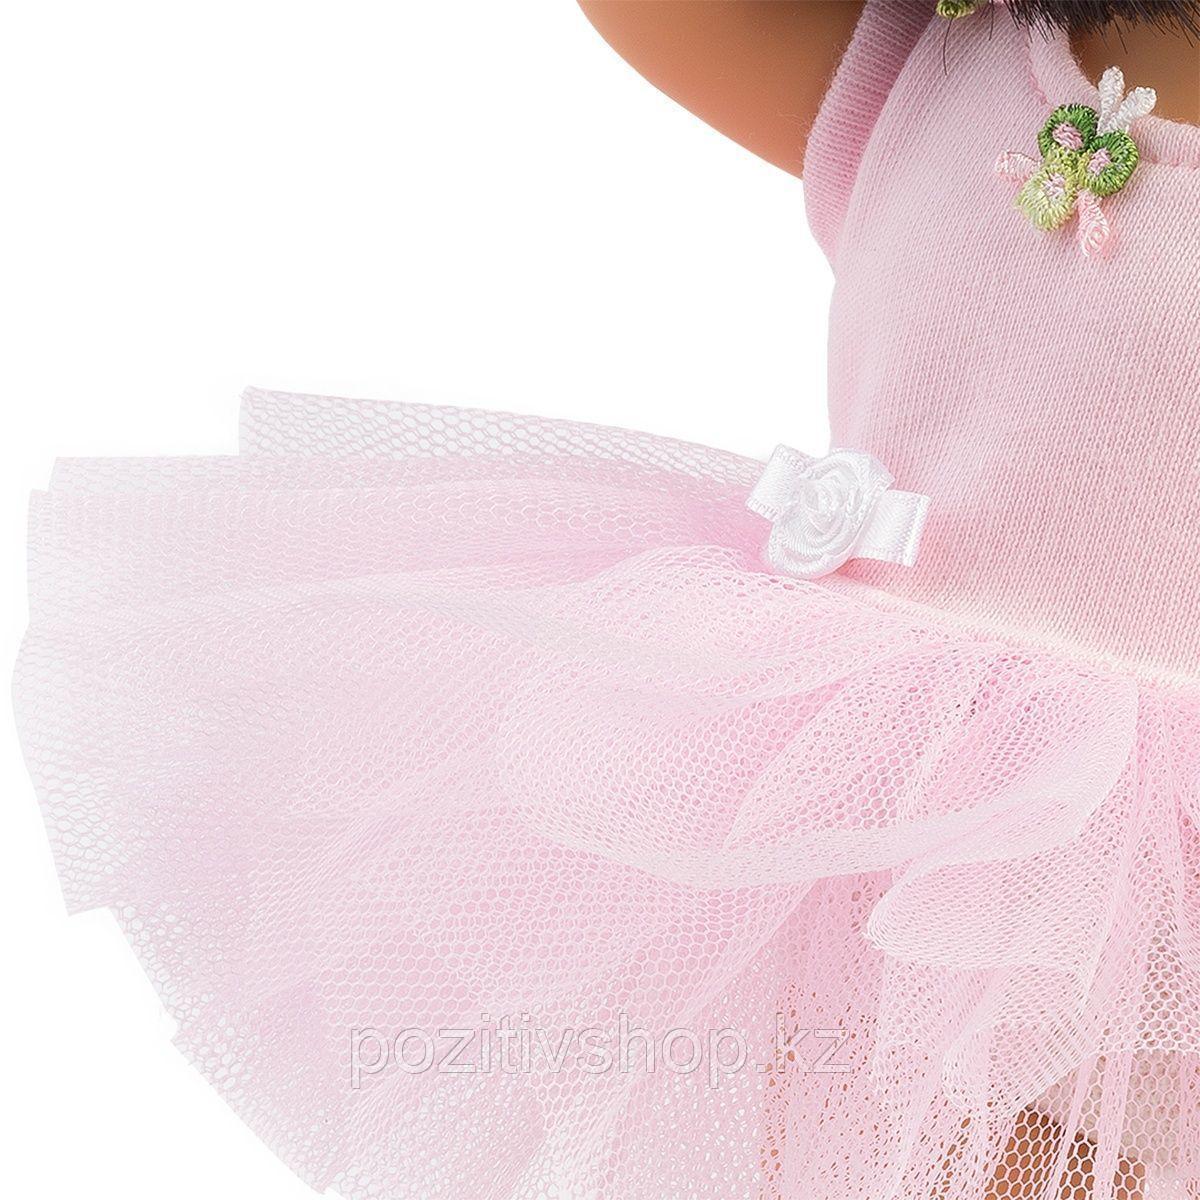 Кукла Llorens Лу брюнетка балерина - фото 2